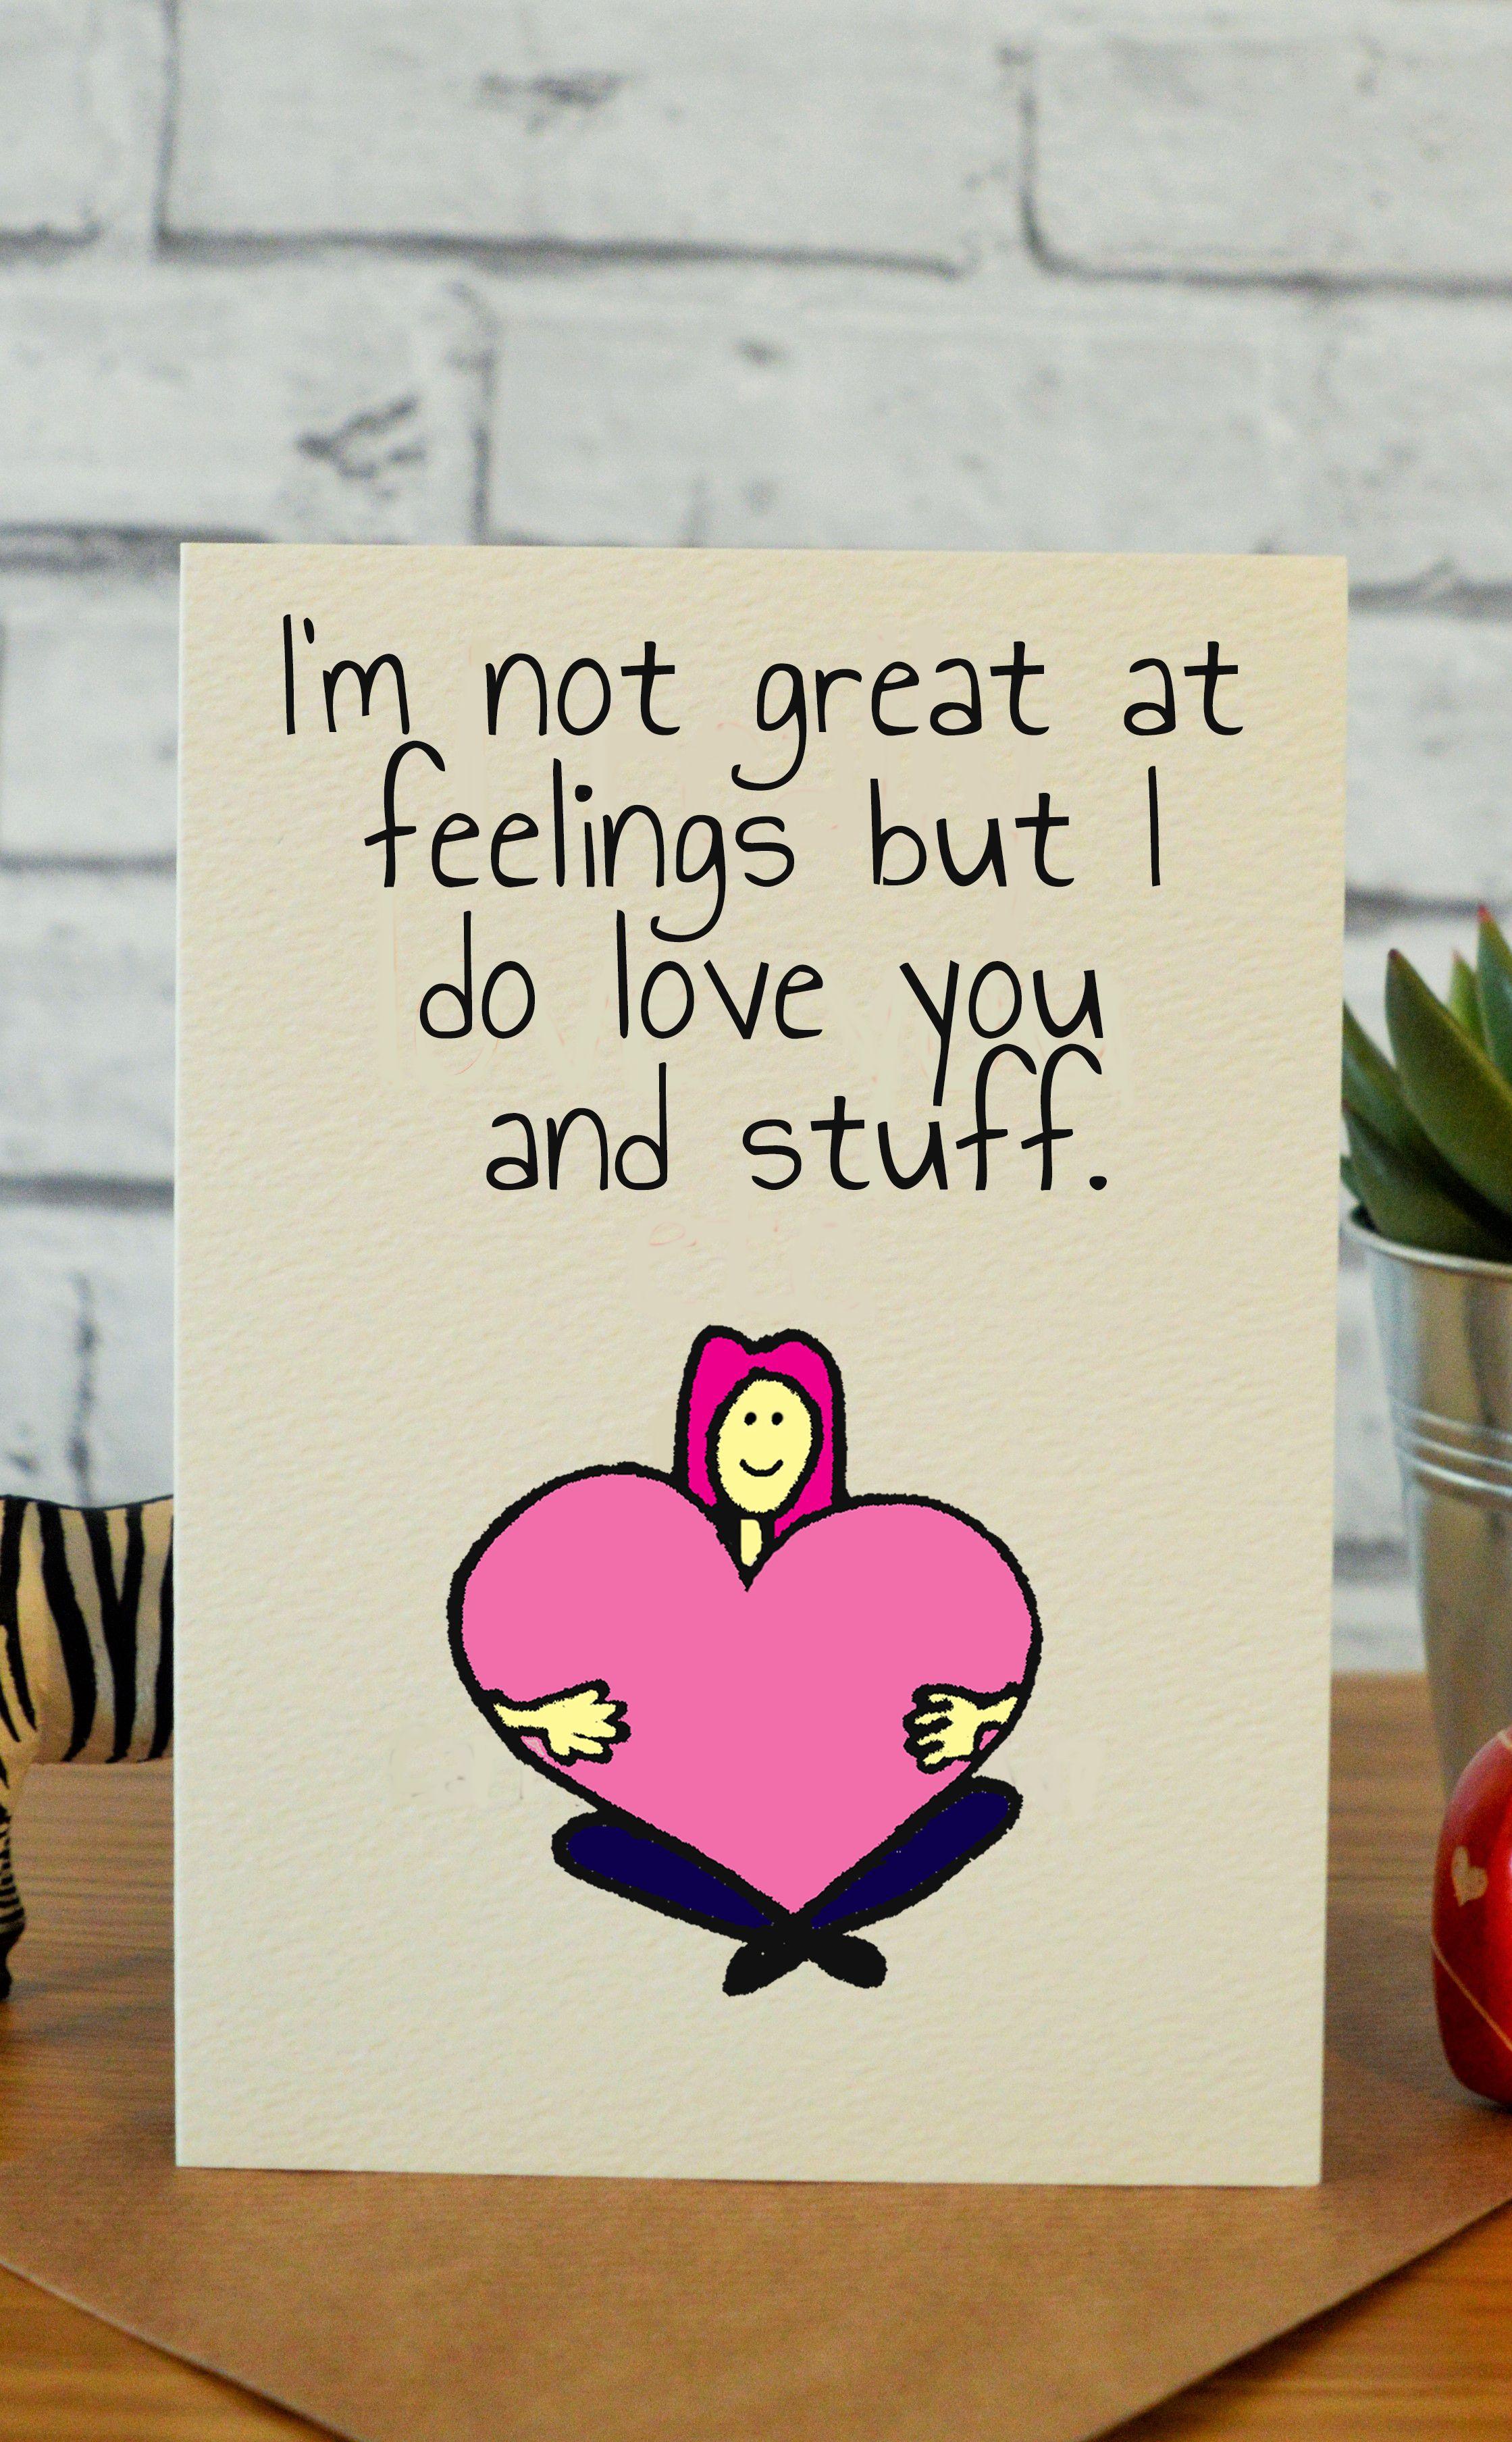 wedding anniversary greeting cardhusband%0A Feelings  u     stuff  Funny anniversary card for boyfriend husband